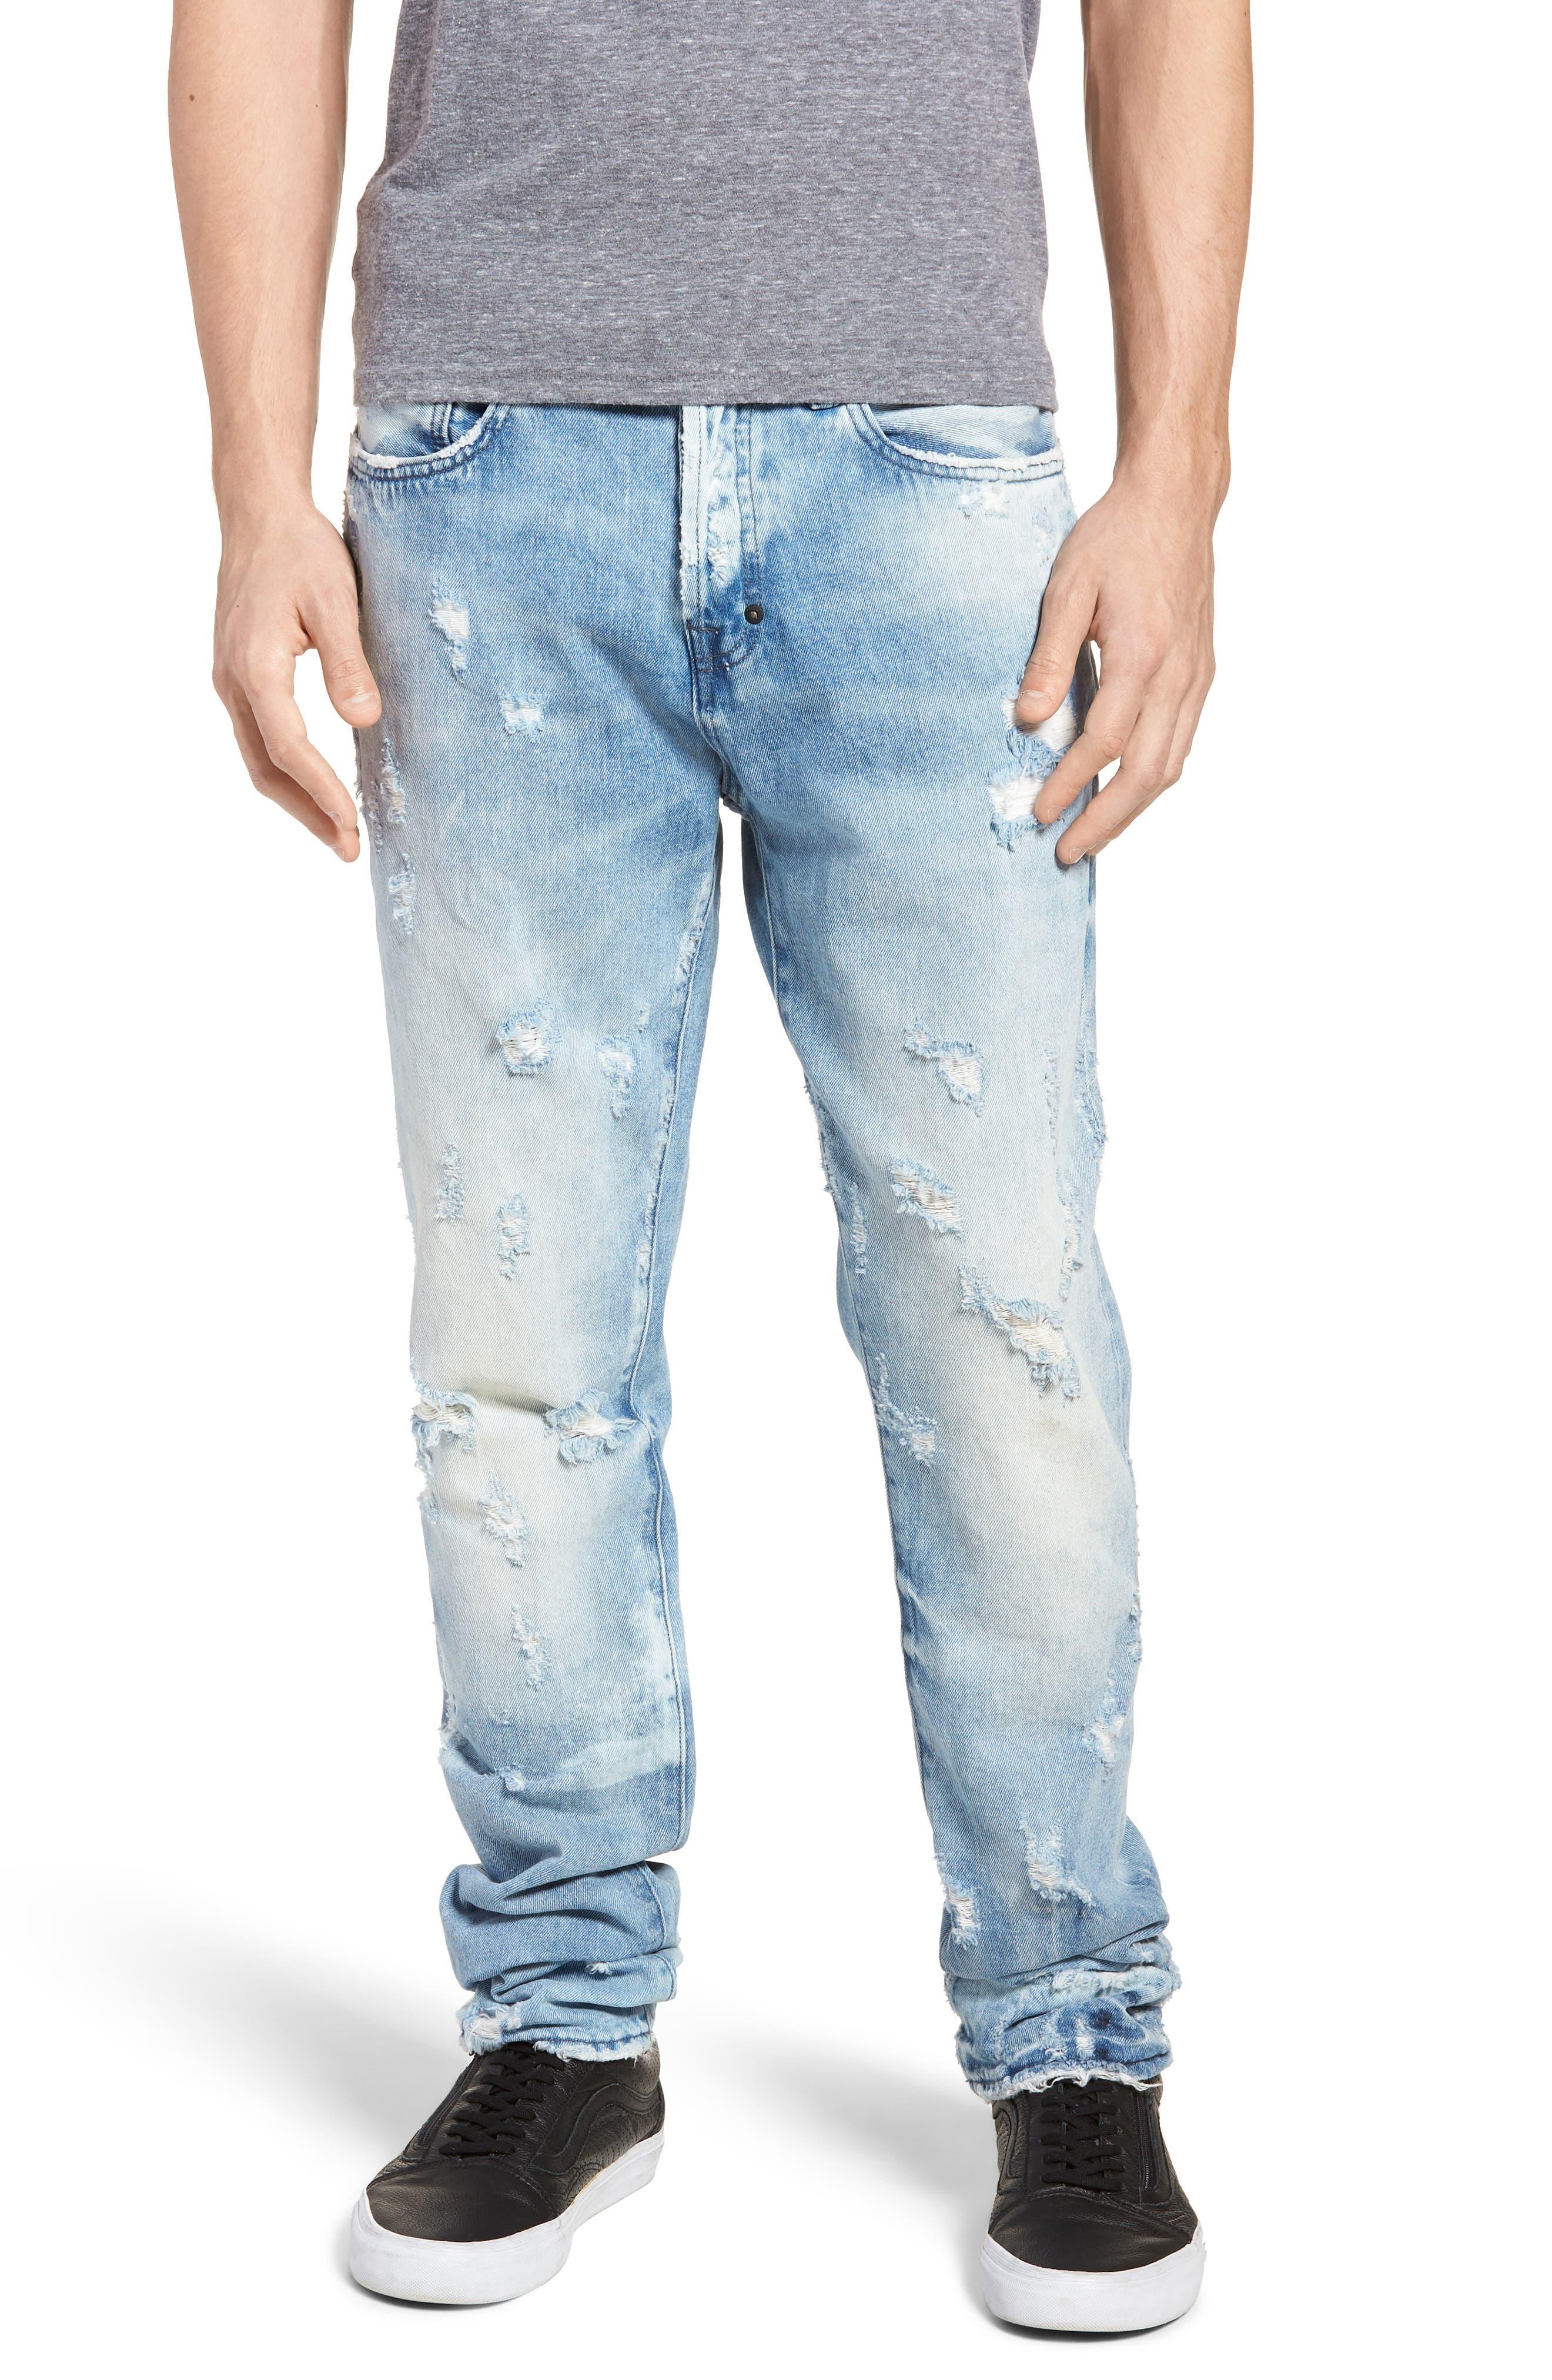 Le Sabre Slim Fit Jeans,                         Main,                         color, 454